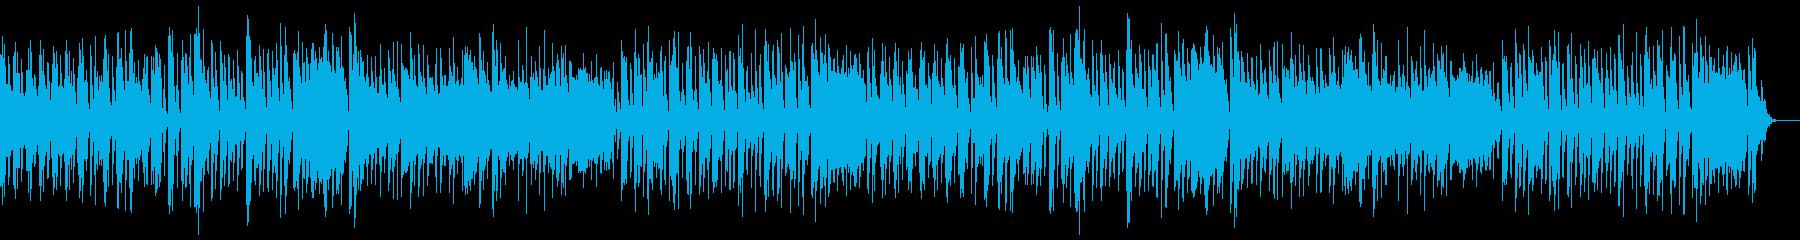 ほのぼの オーケストラ調のポップな曲の再生済みの波形